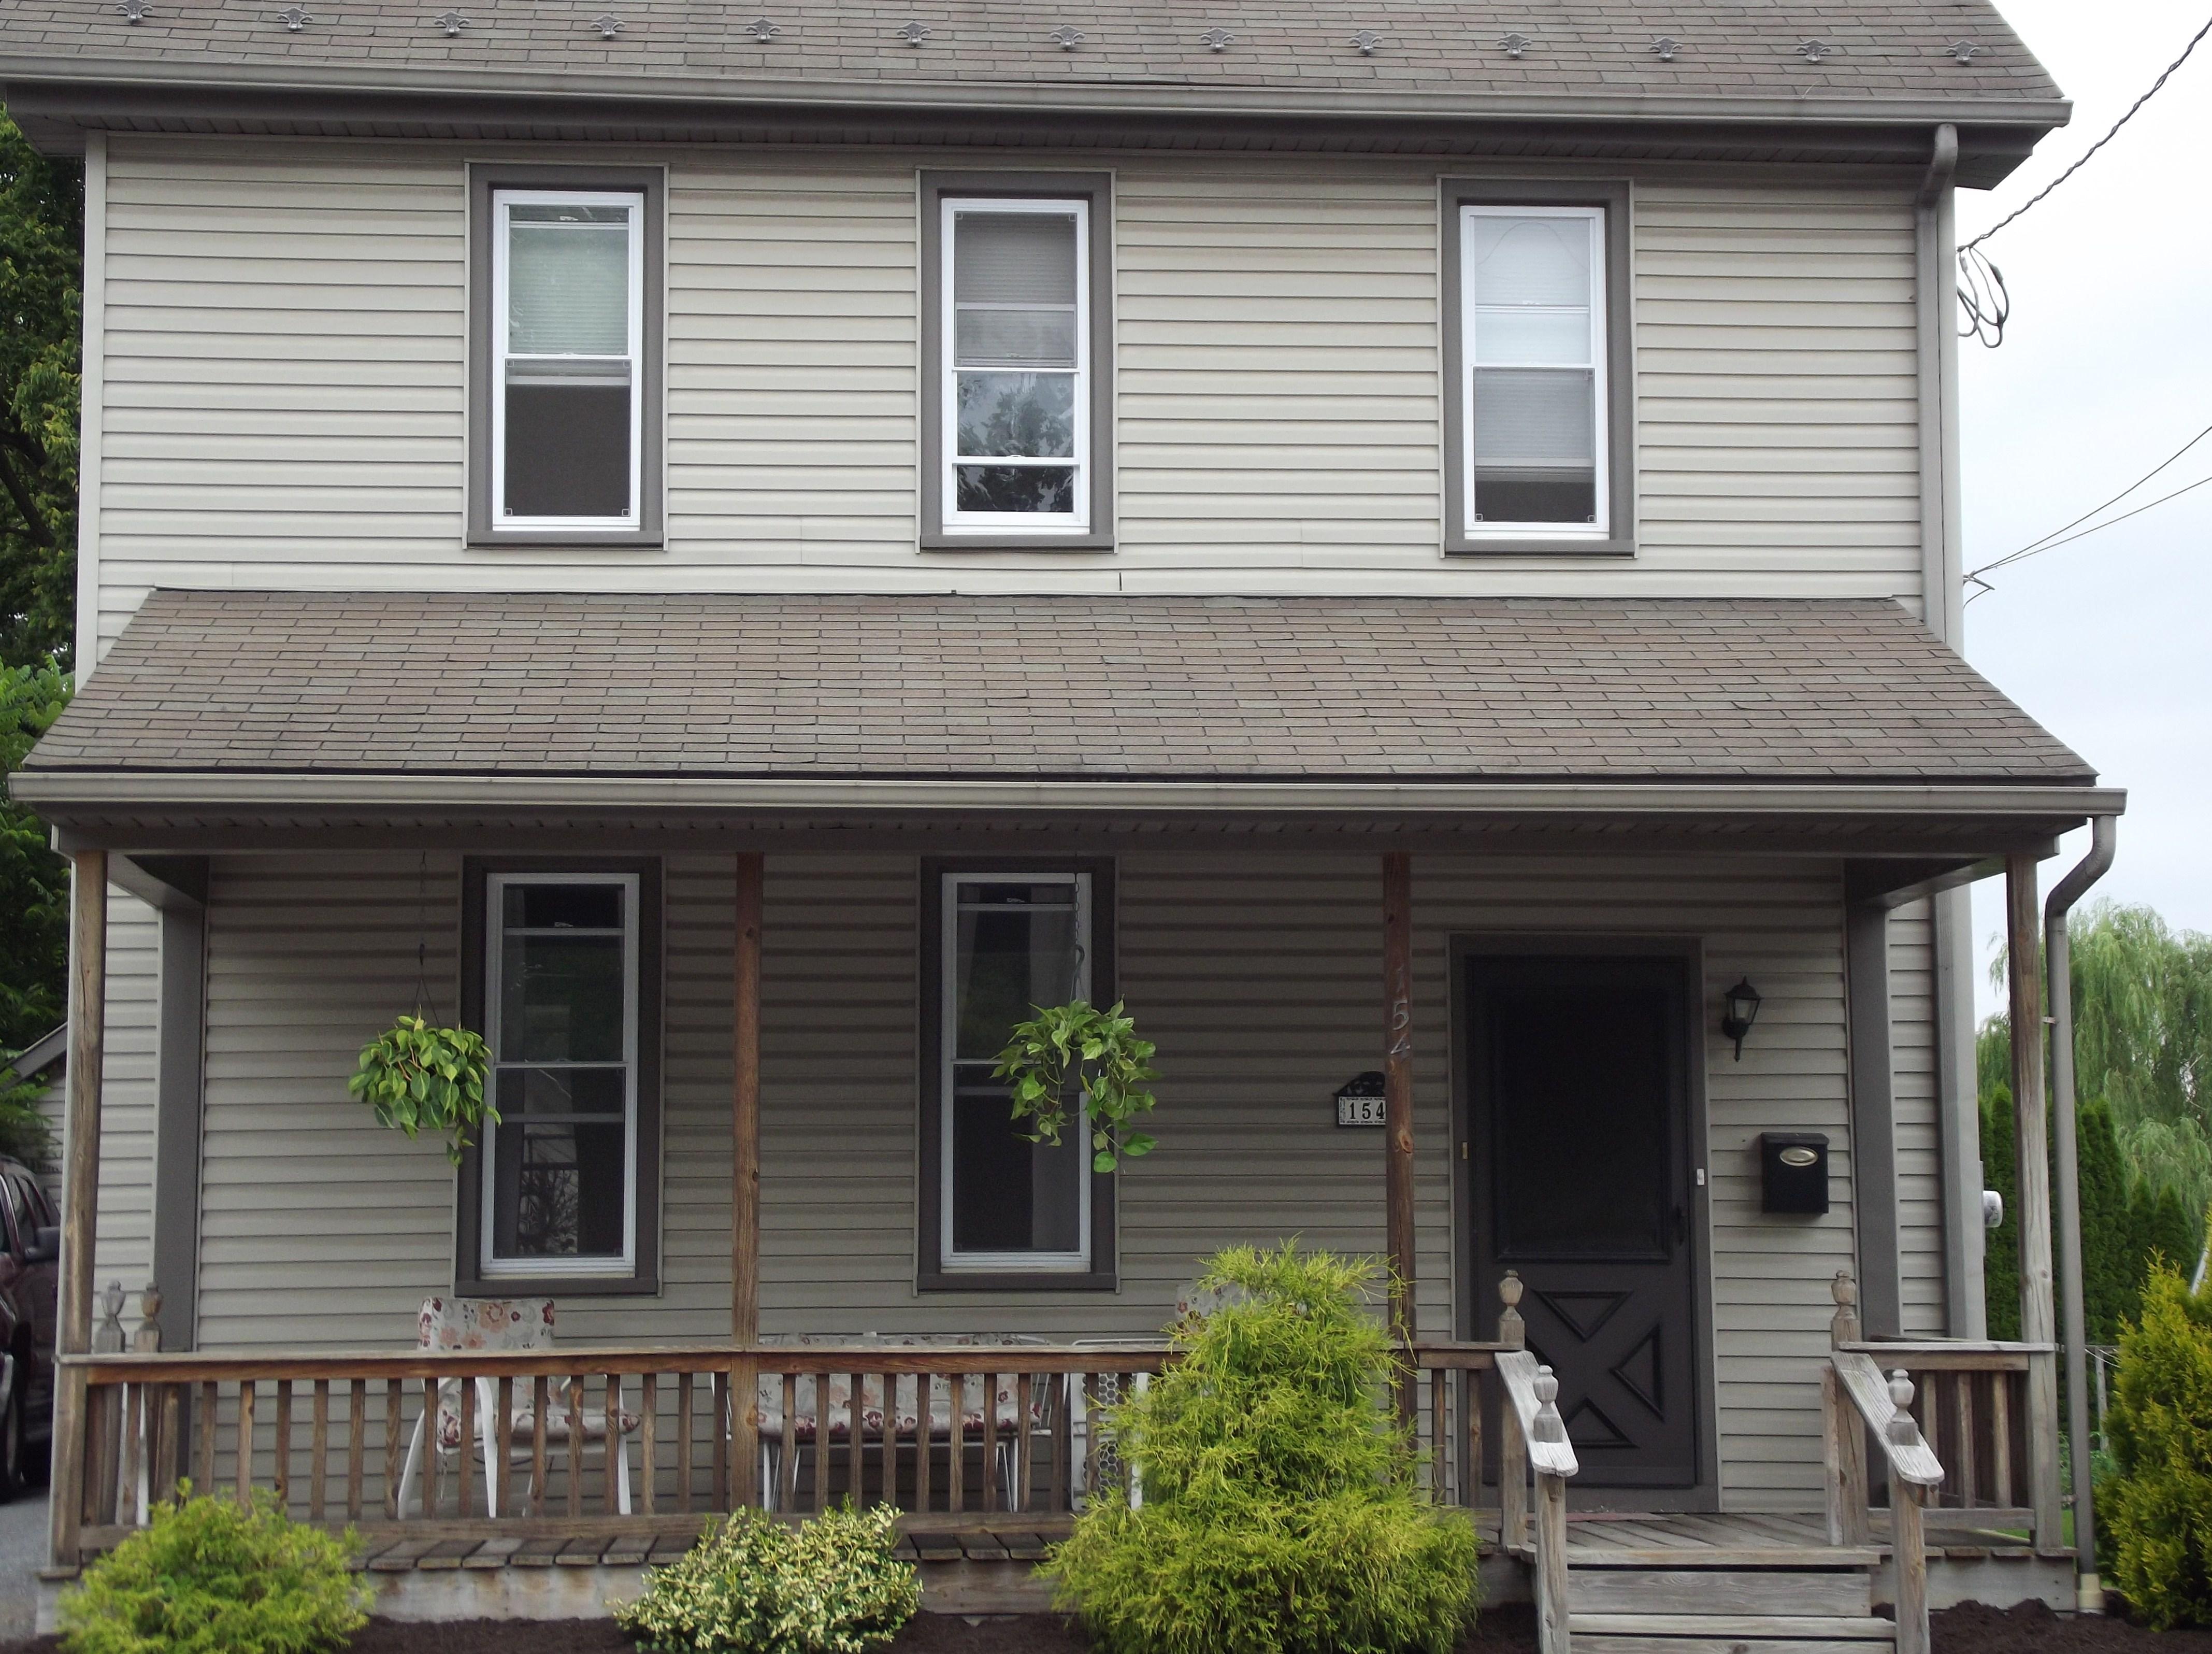 独户住宅 为 销售 在 154 N Market Street 芒特乔伊, 17552 美国